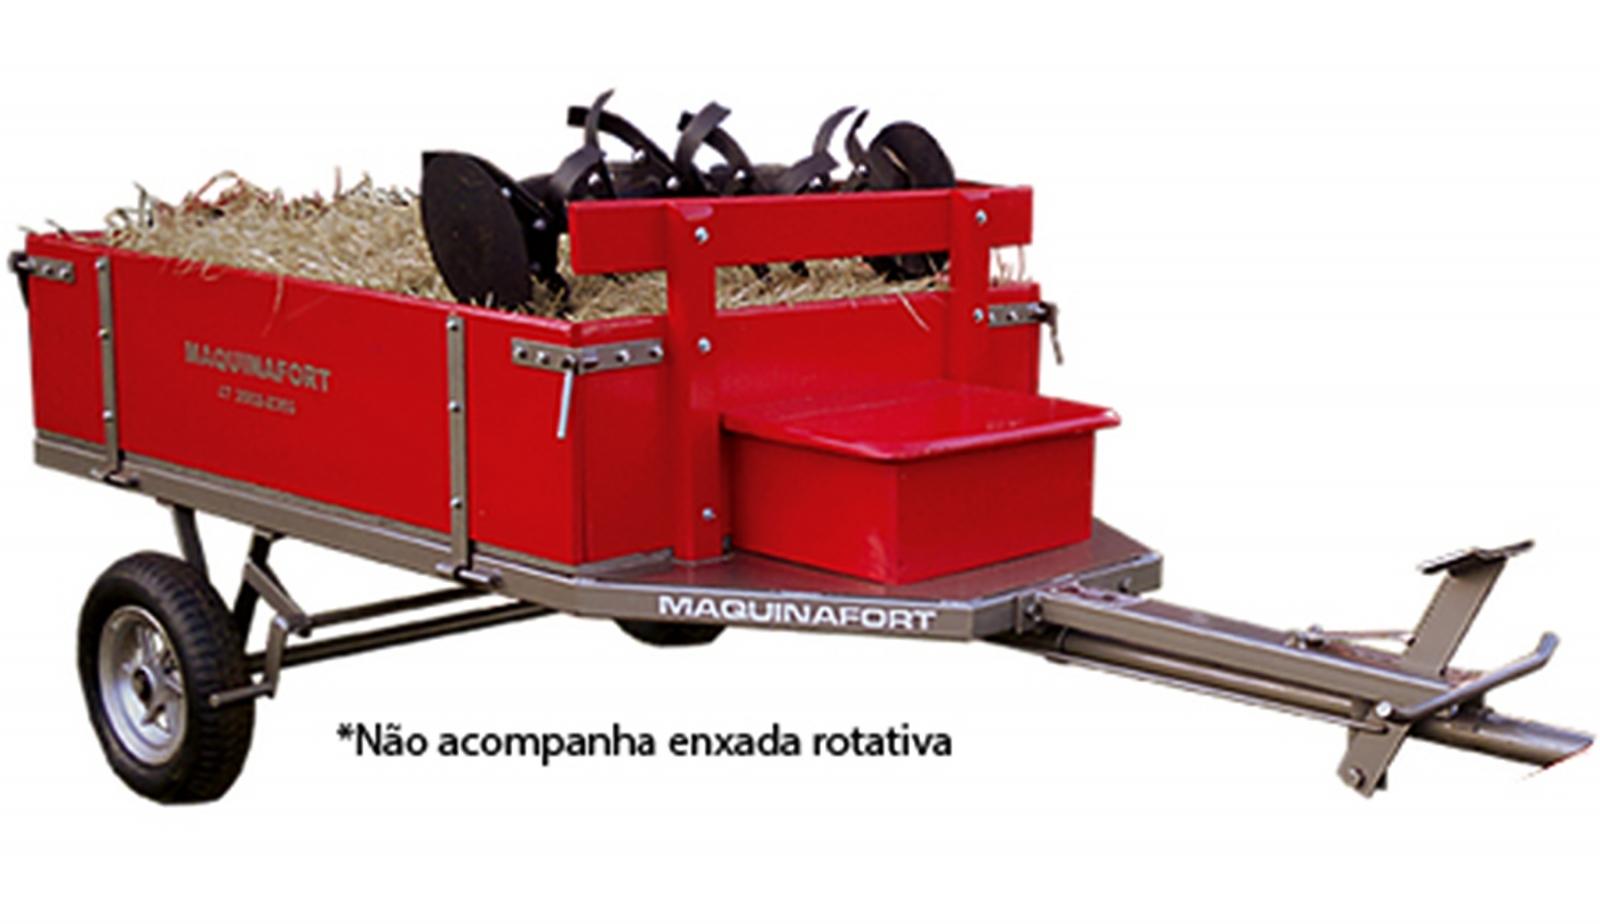 Carretinha Agrícola Para Motocultivador Tratorito Trator Im6 - Ferramentas MEP